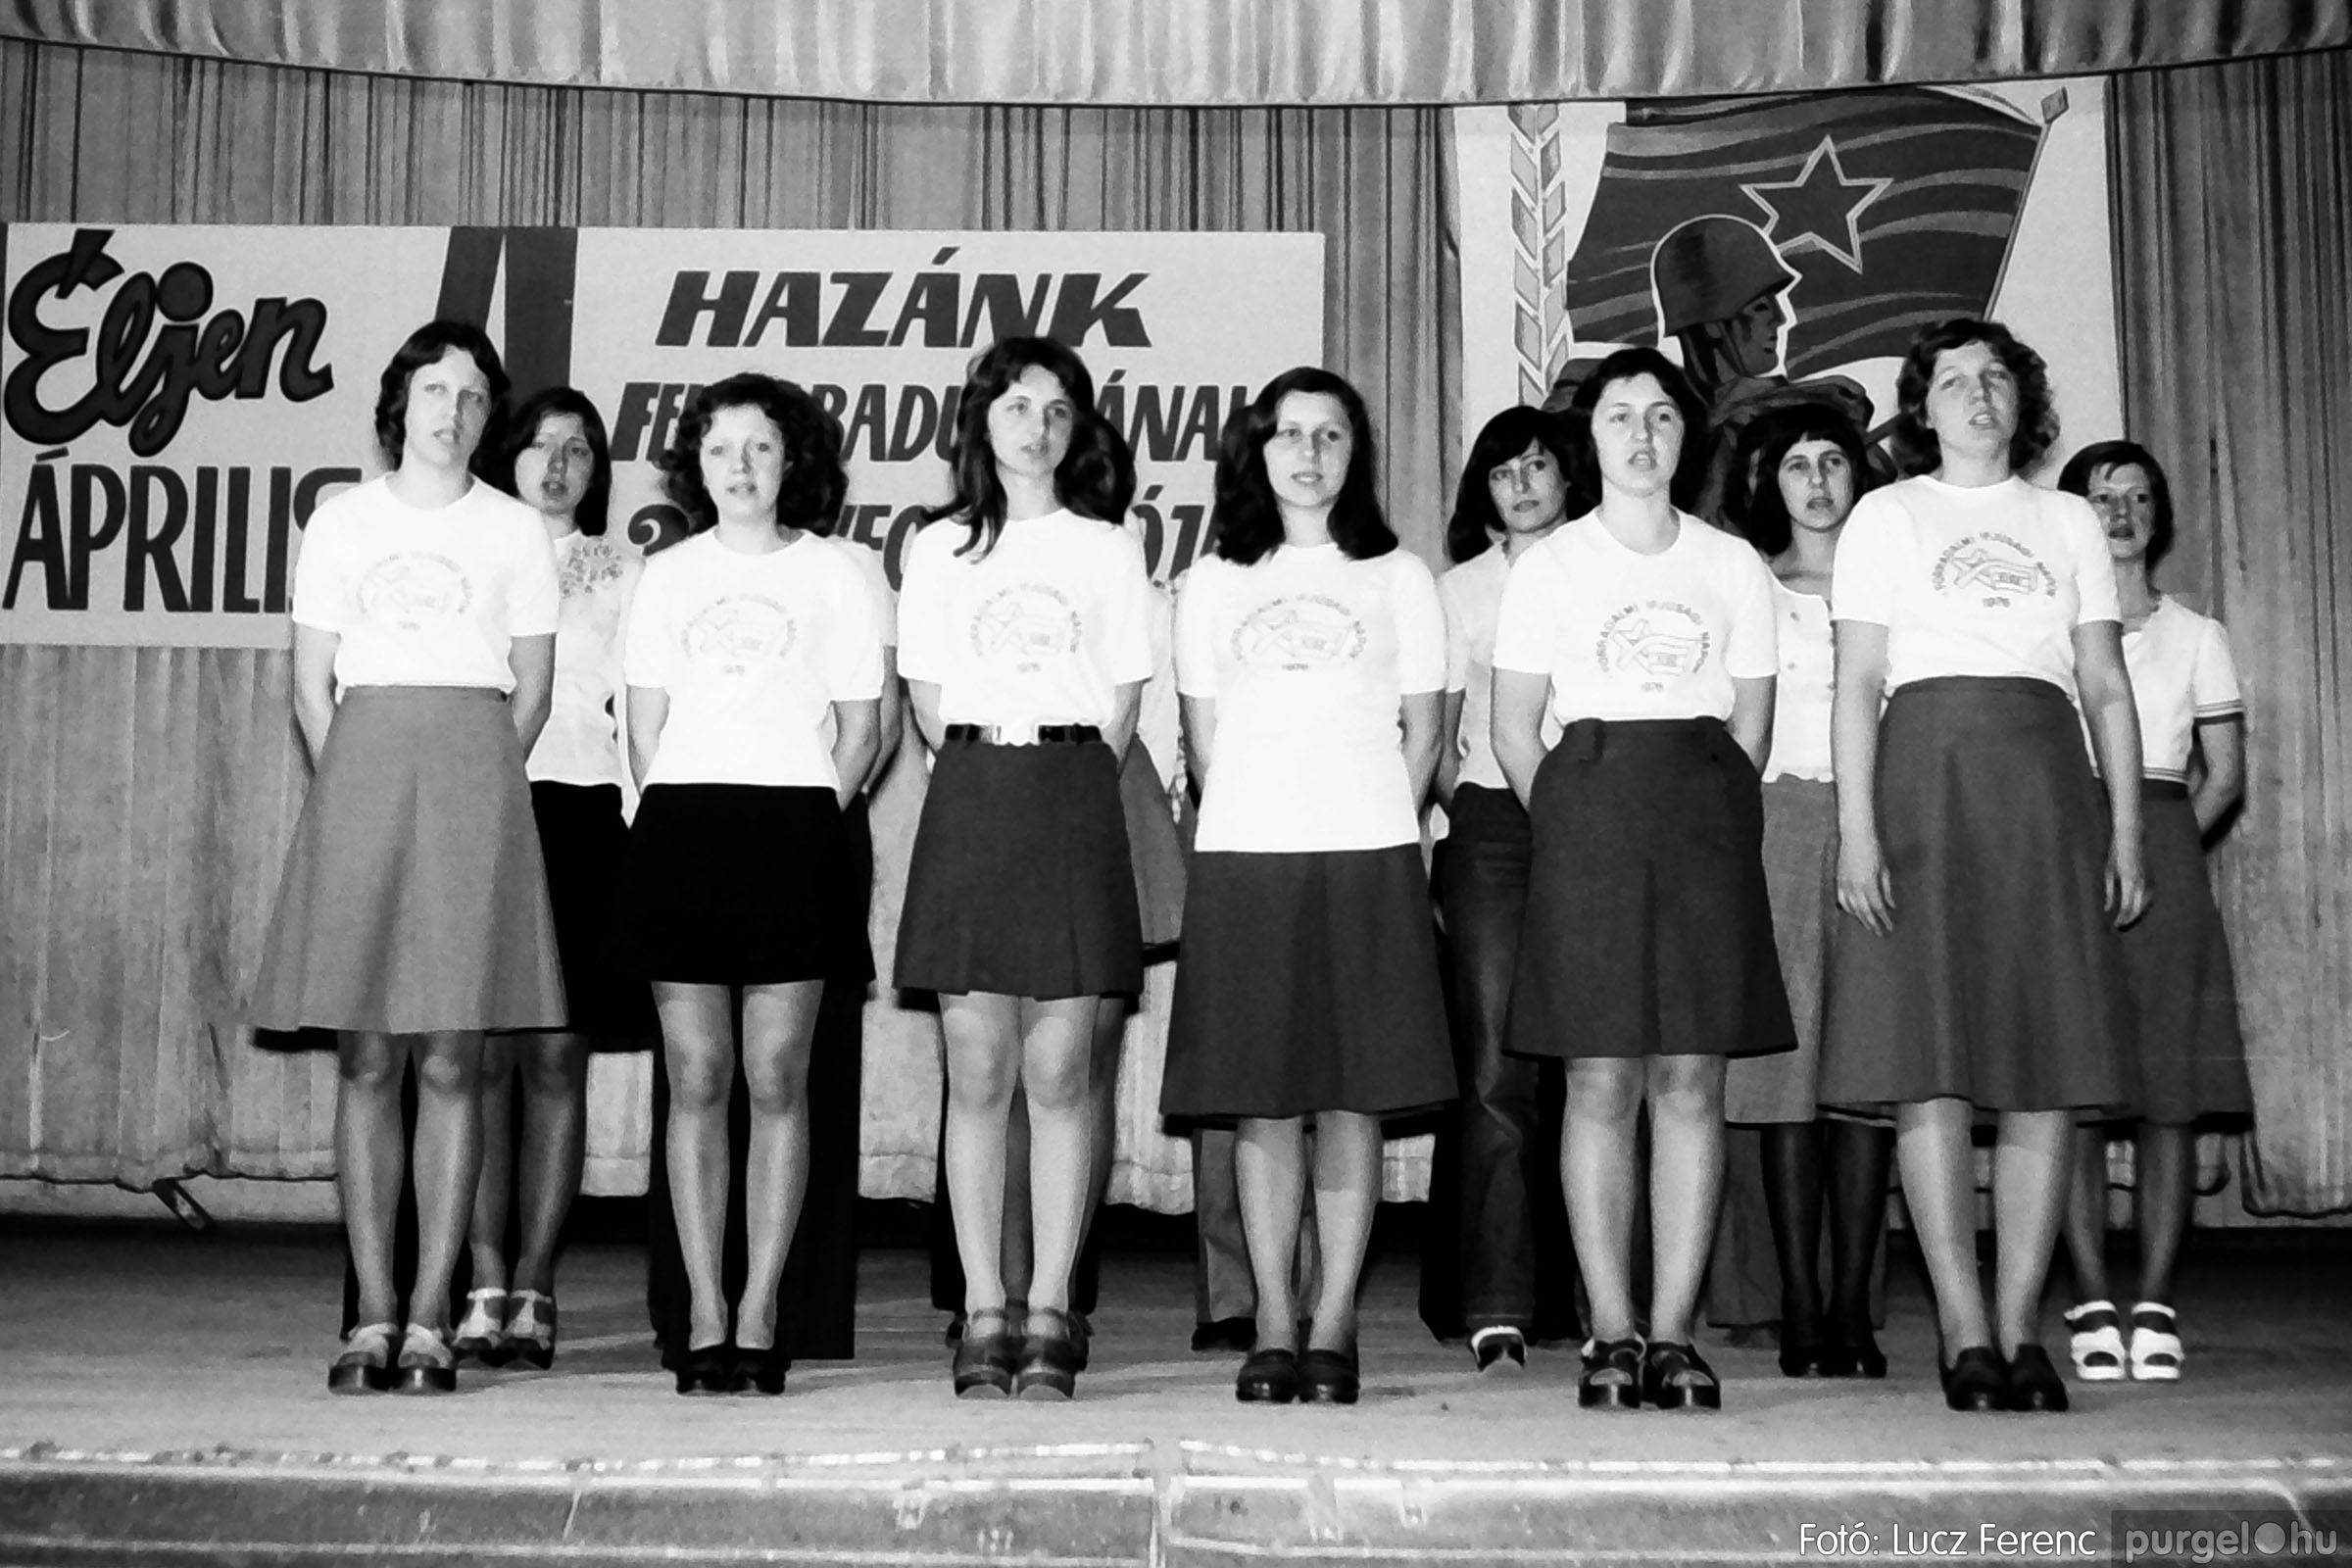 039. 1976.04.04. Április 4-i ünnepség a kultúrházban 020. - Fotó: Lucz Ferenc.jpg